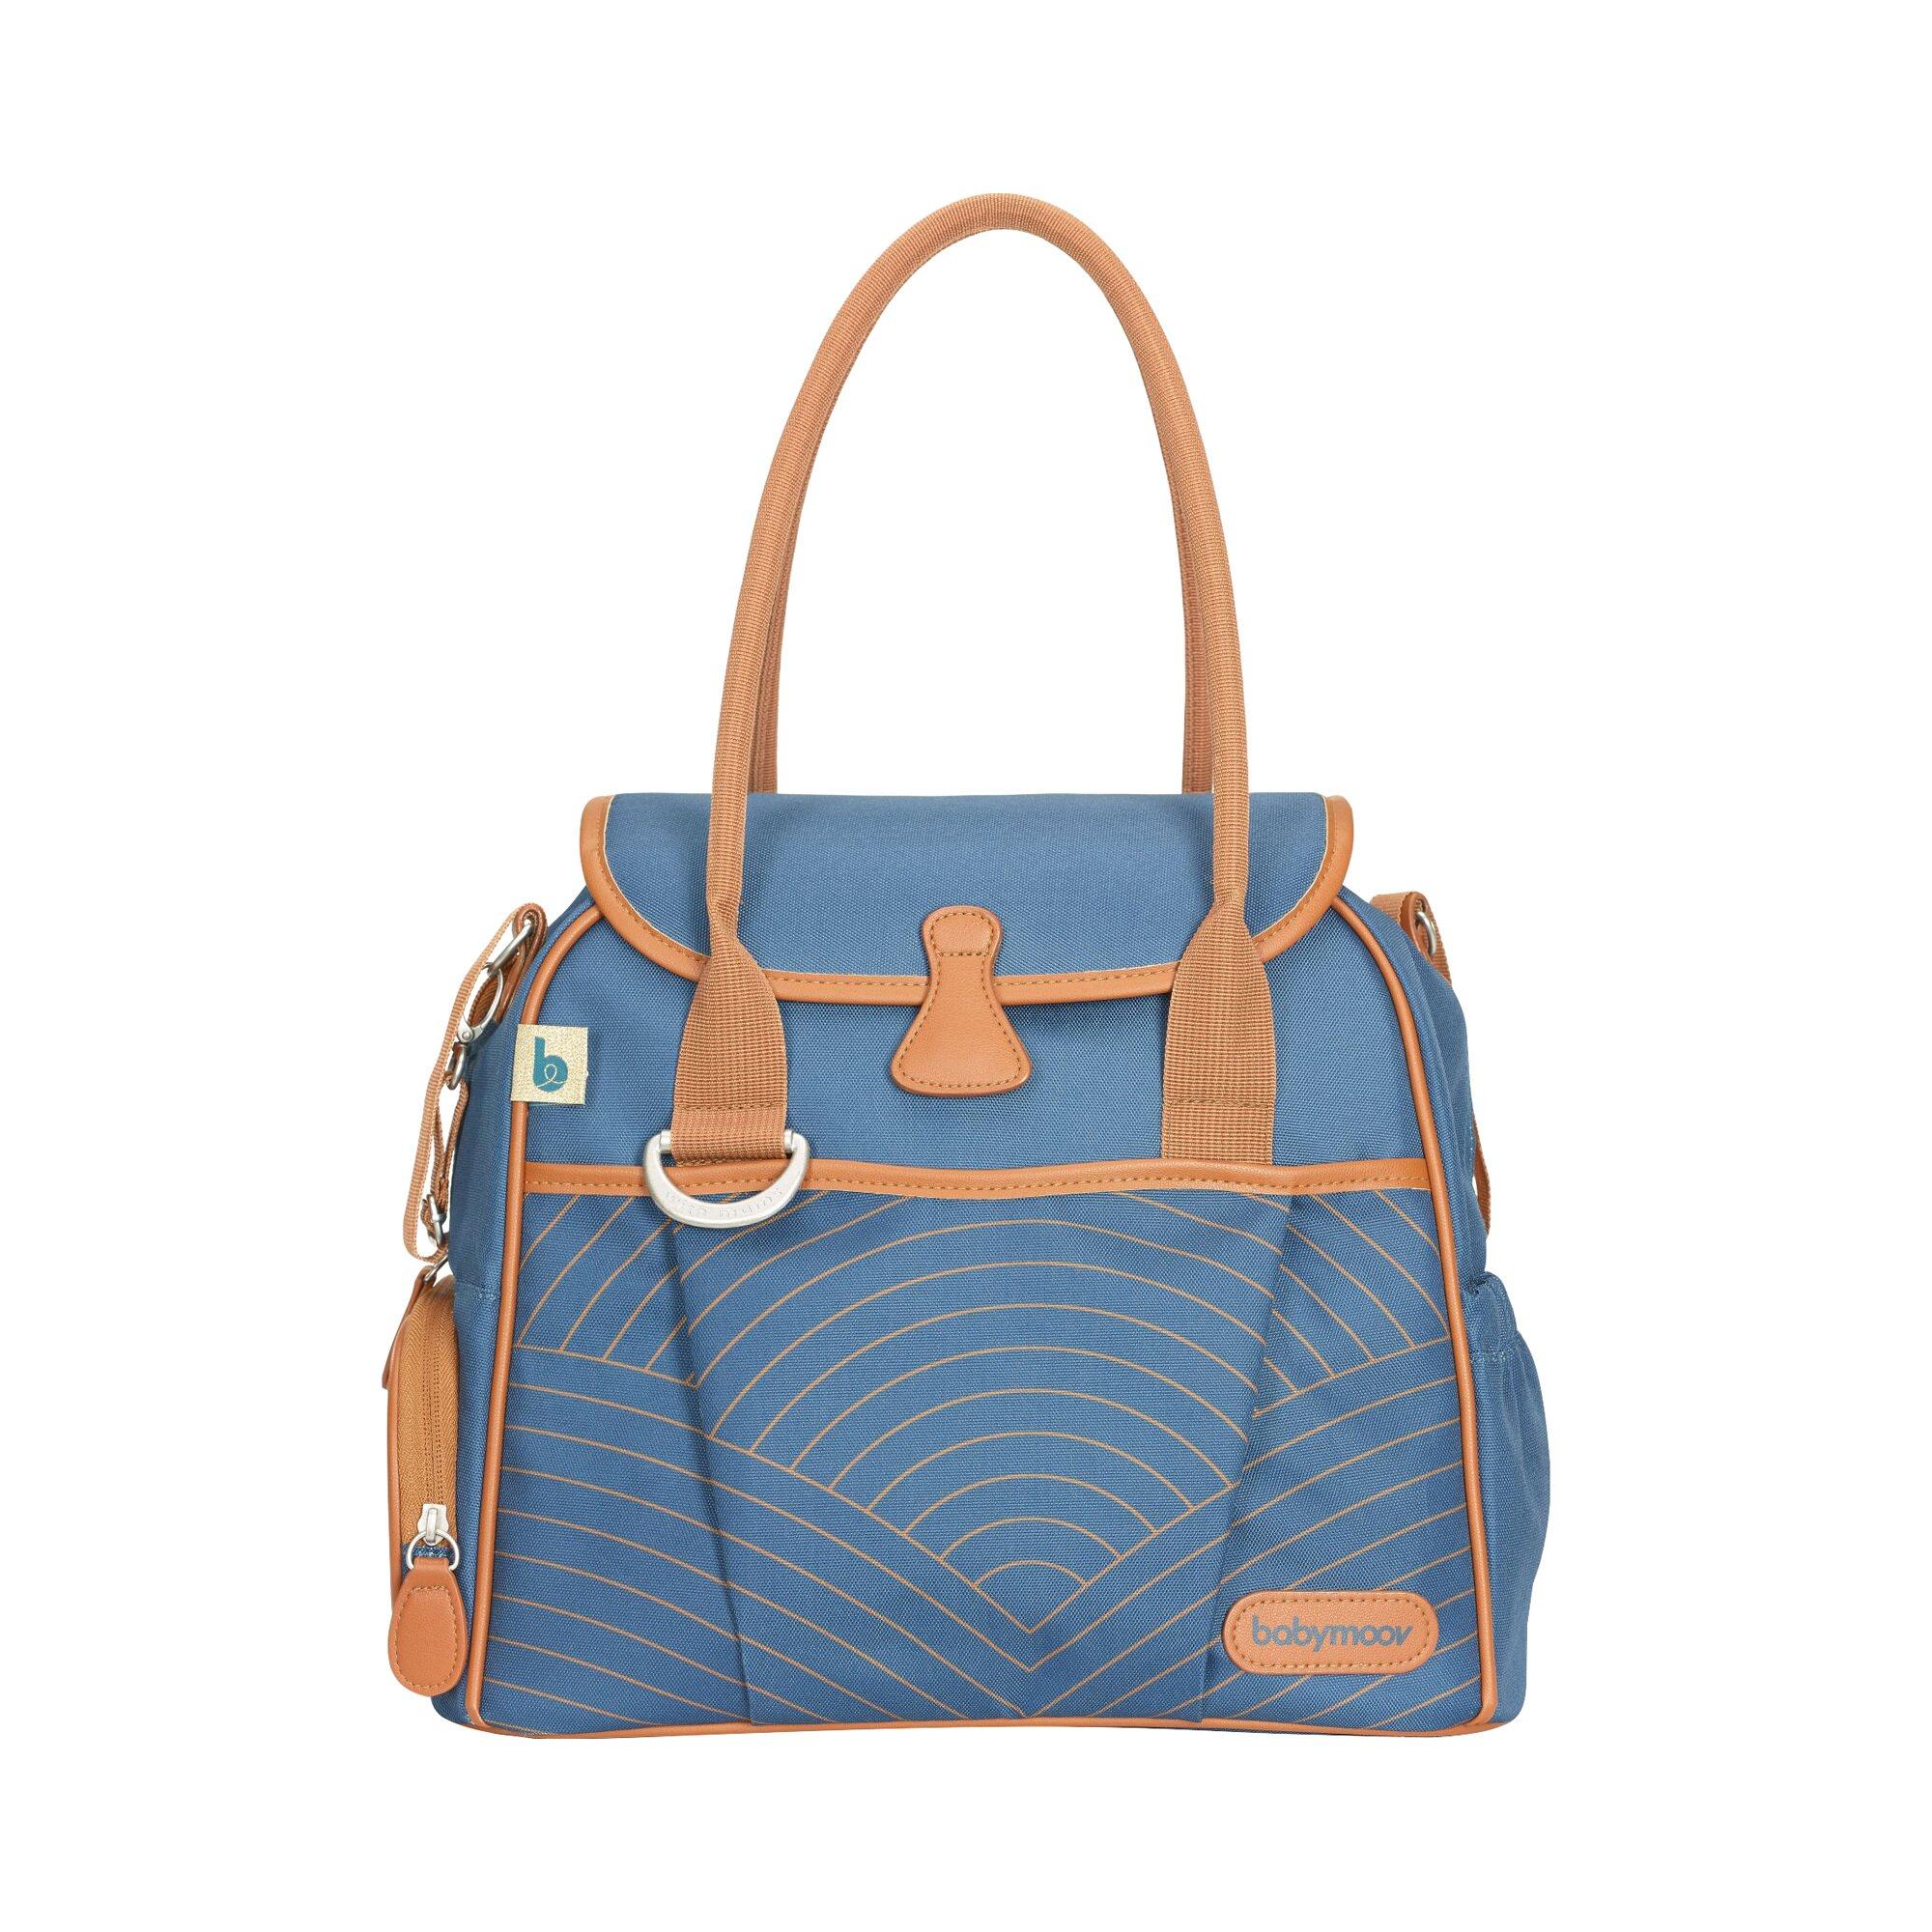 Babymoov Wickeltasche Style Bag blau